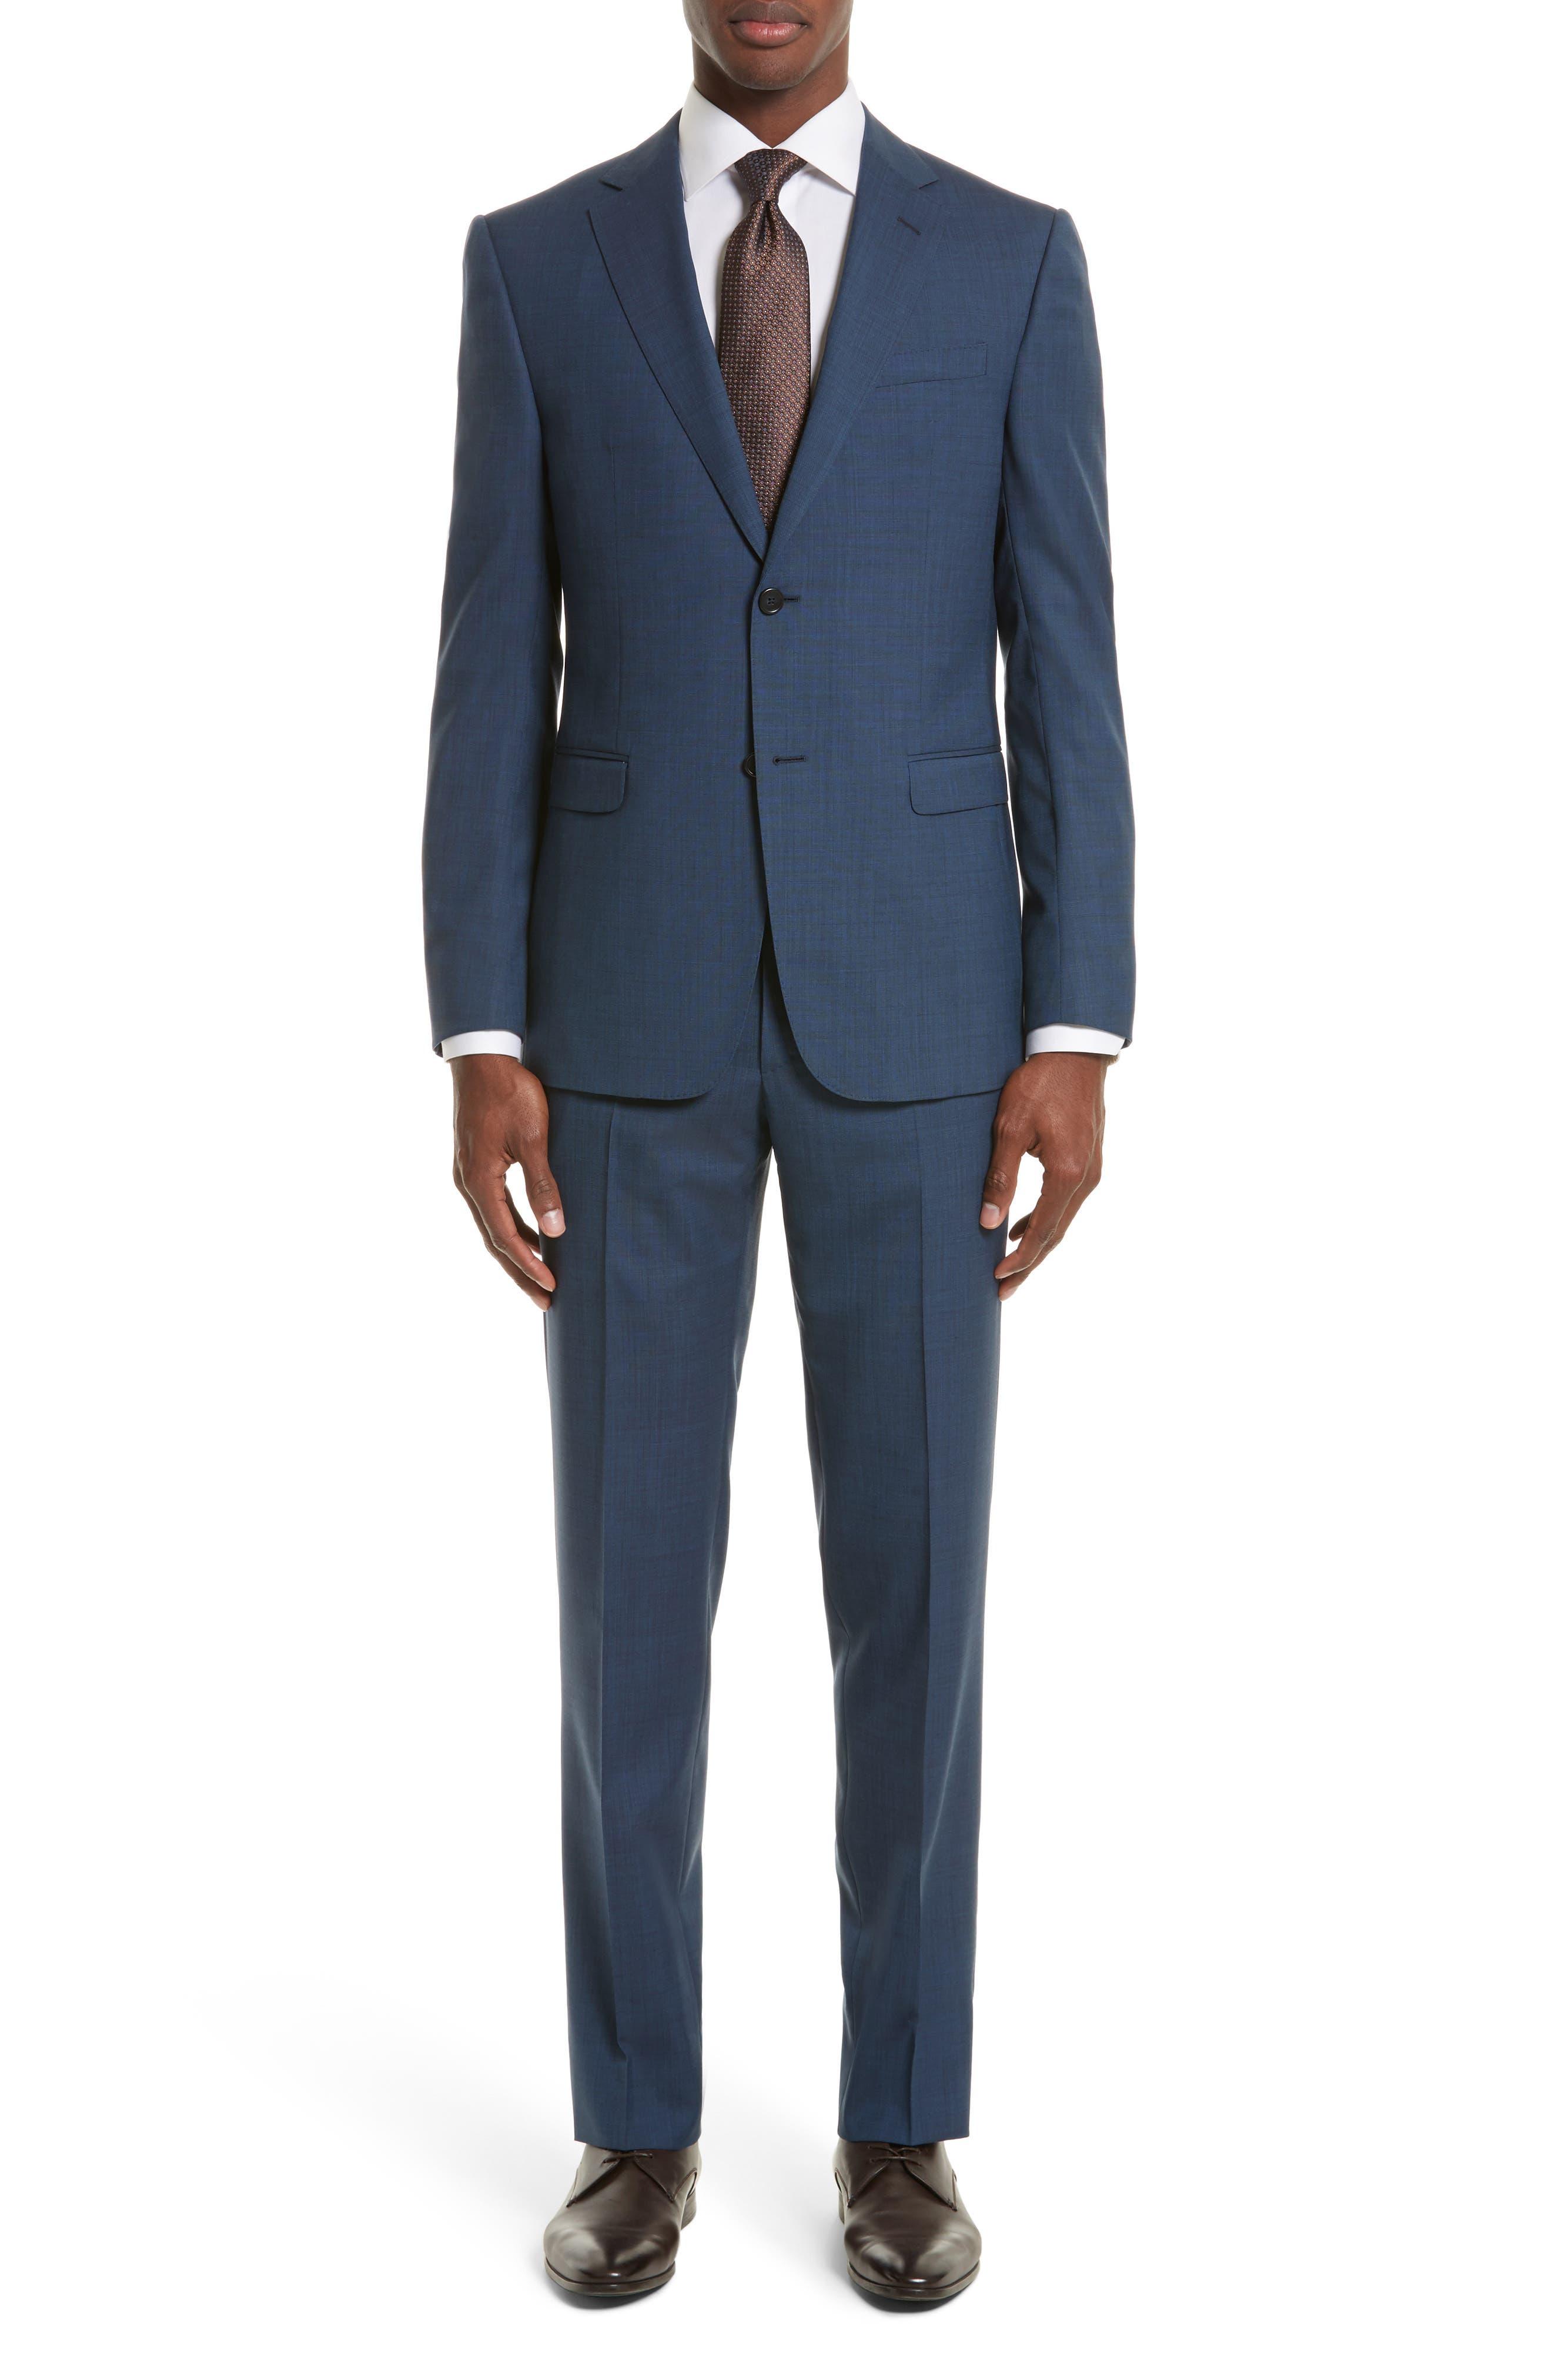 Main Image - Z Zegna Drop 7 Trim Fit Solid Wool & Silk Suit